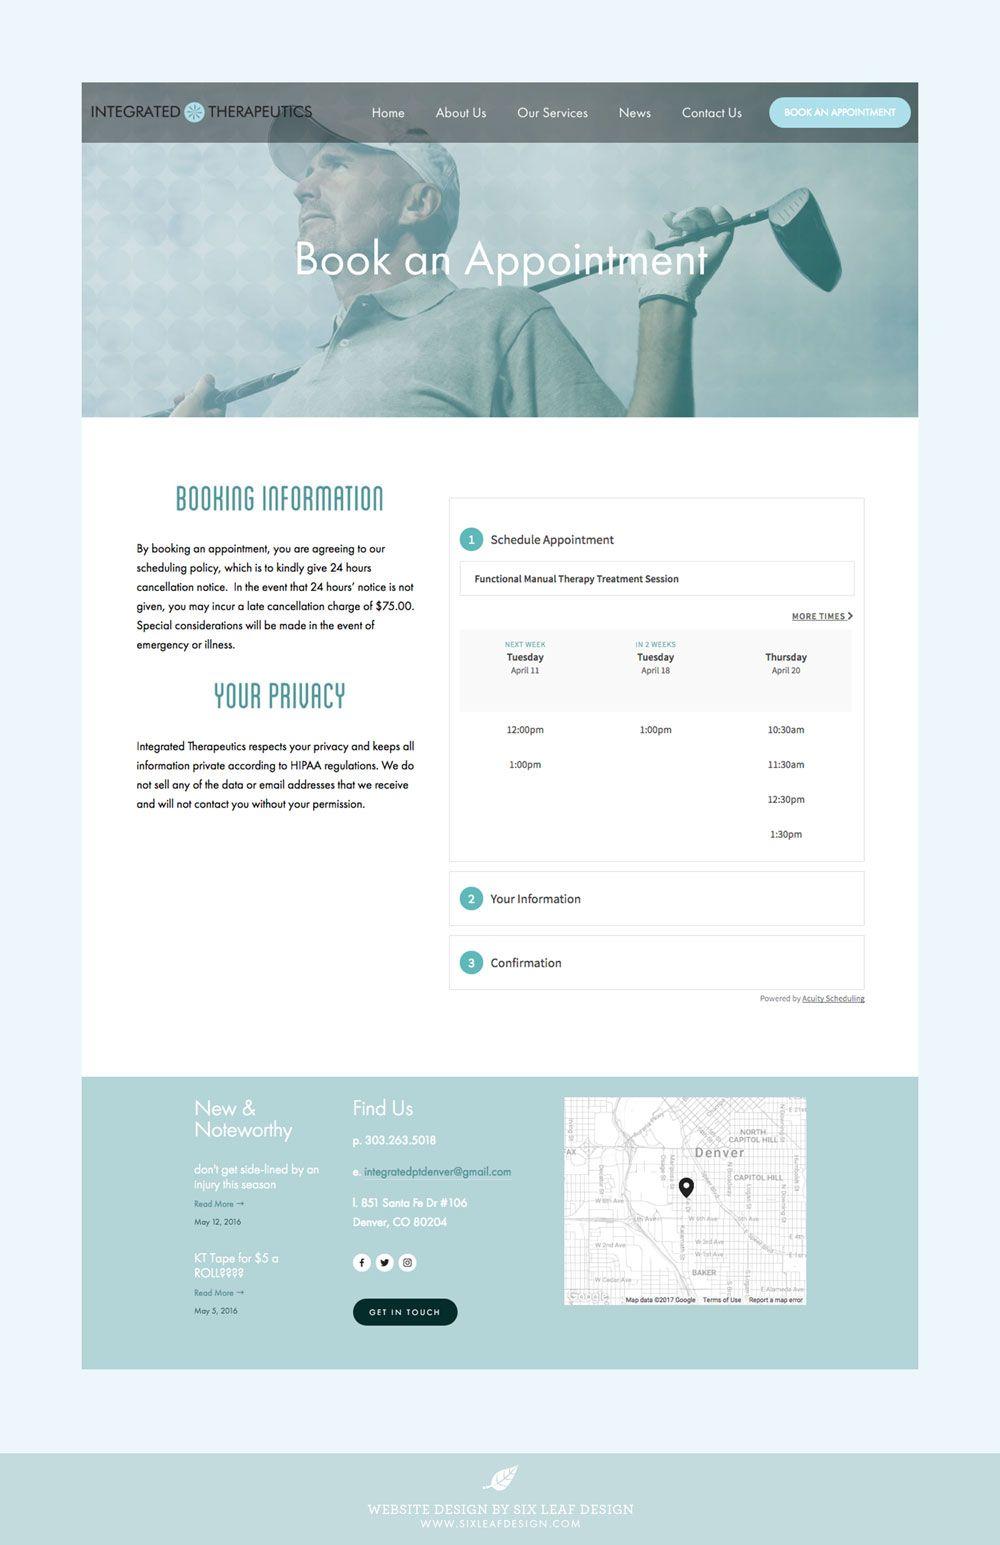 Integrated Therapeutics Website Design Six Leaf Design Logo Branding Graphic Web Designer Denver Colorado Website Design Leaf Design Logo Therapy Website